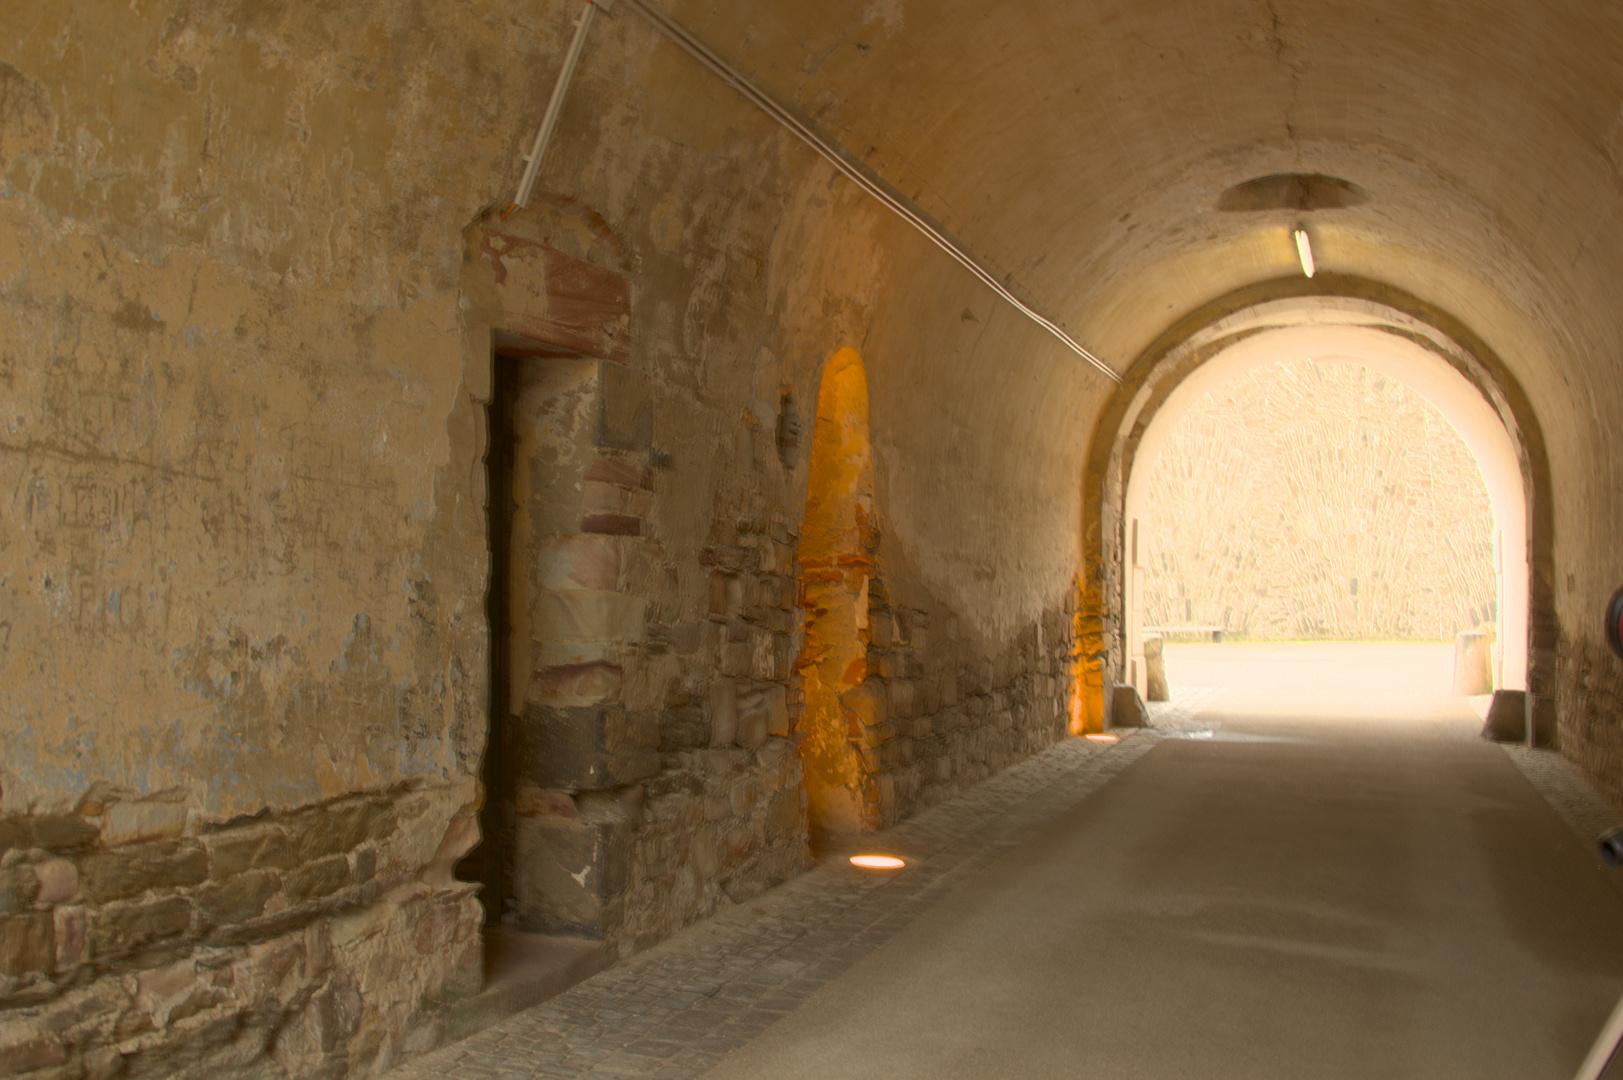 Tunnel auf der Ehrenbreitstein